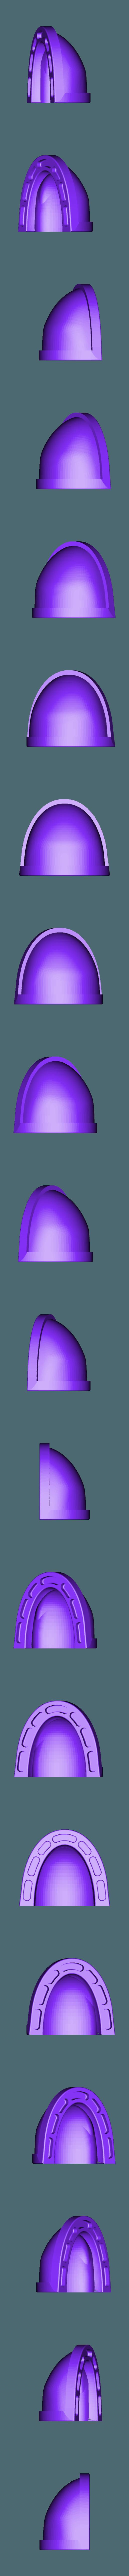 Shoulder_Pad_-_Blank.stl Download free STL file The Slayer • 3D print design, GarinC3D